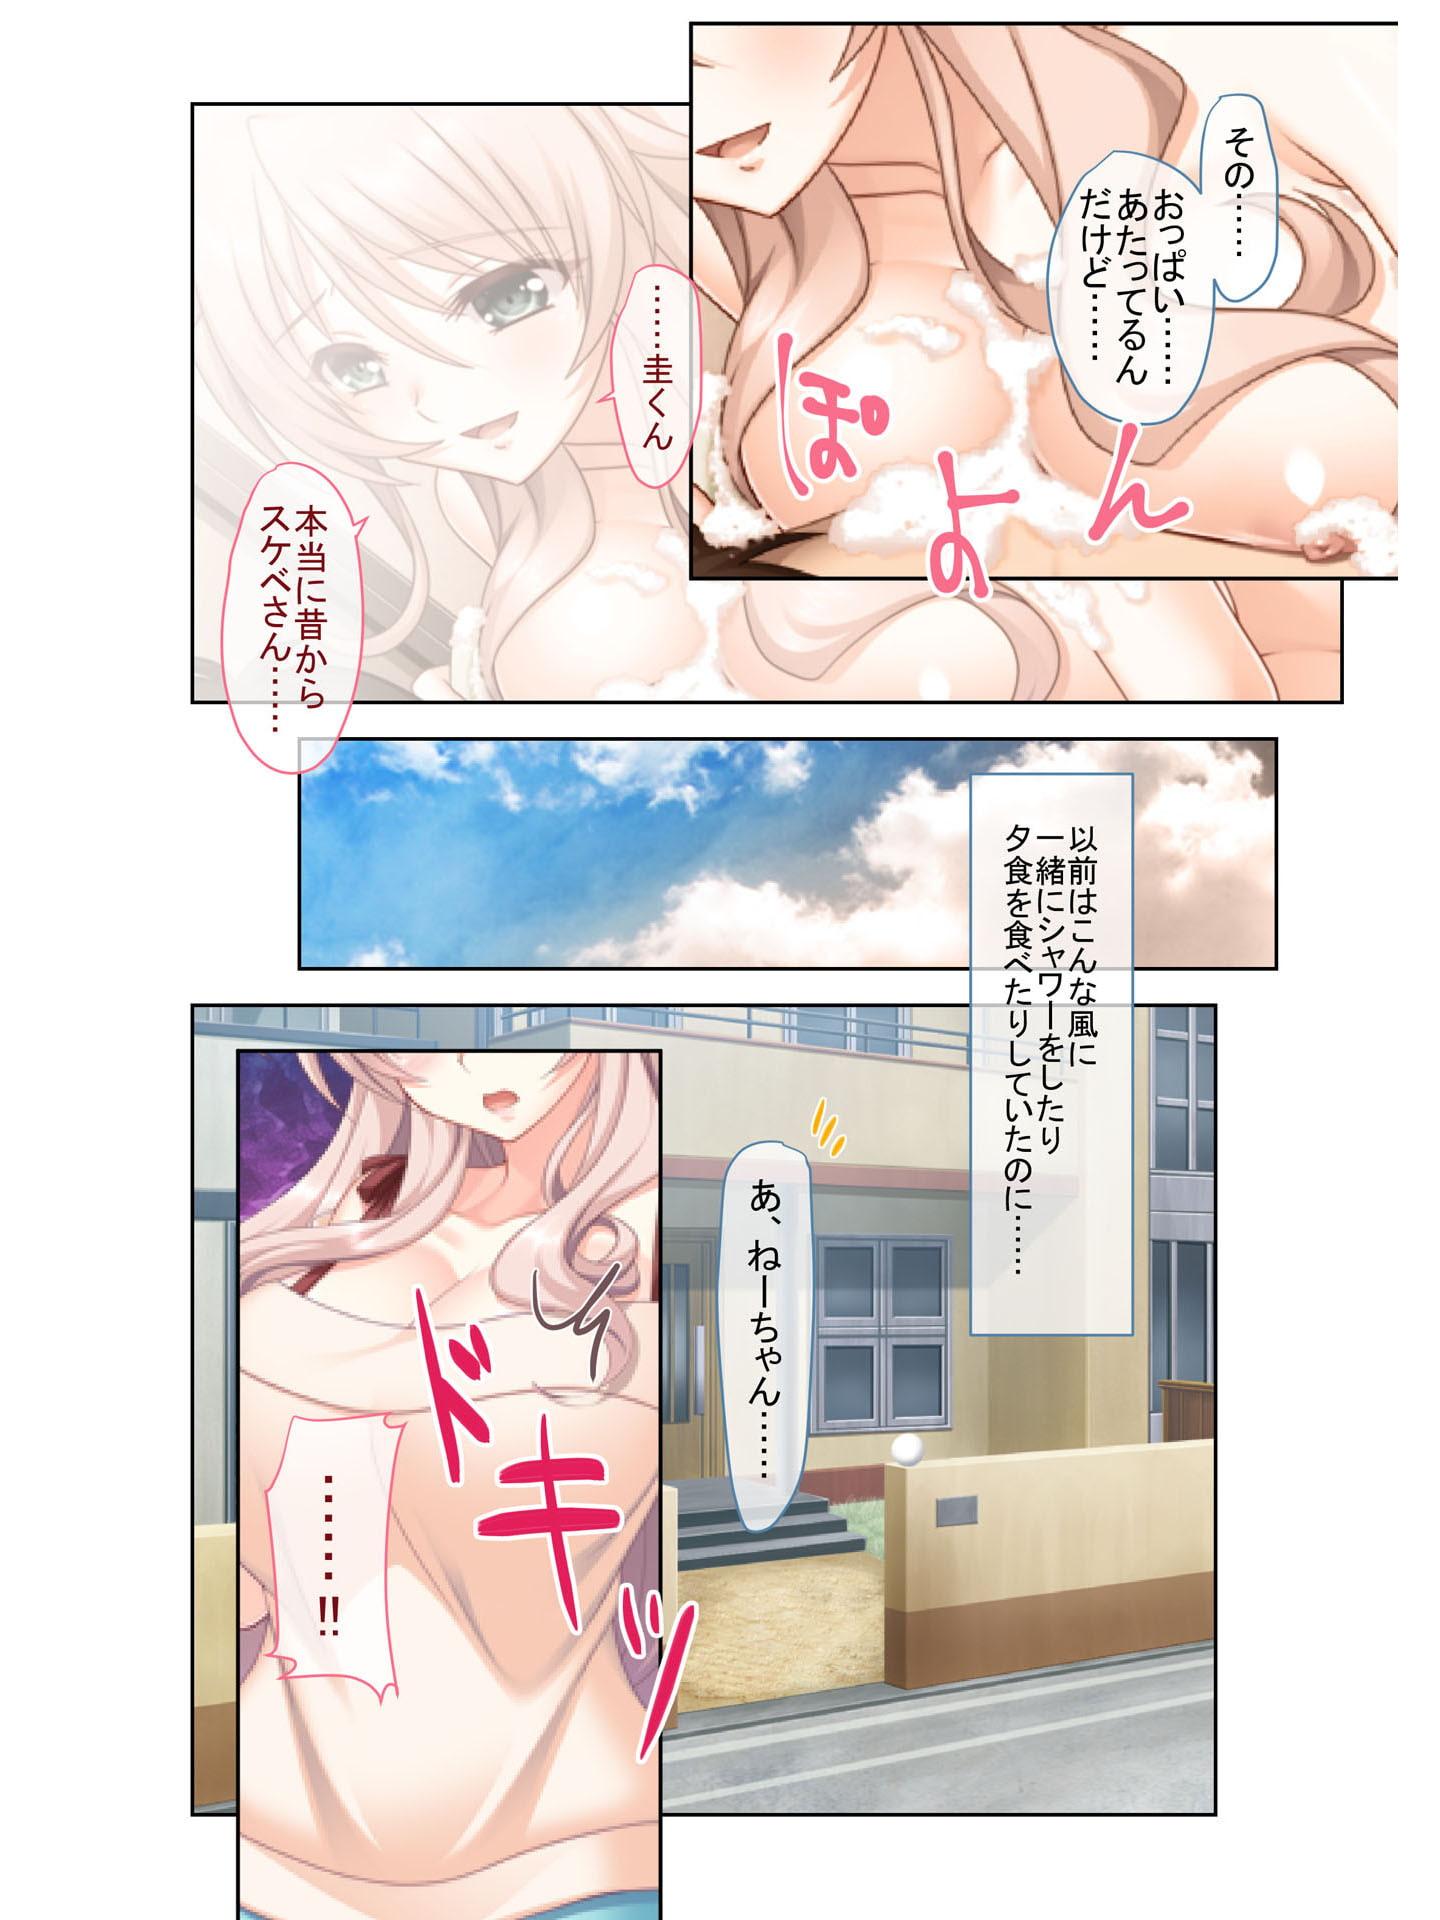 ムッチリ♀姉さんと困惑エッチ! フルカラーコミック版